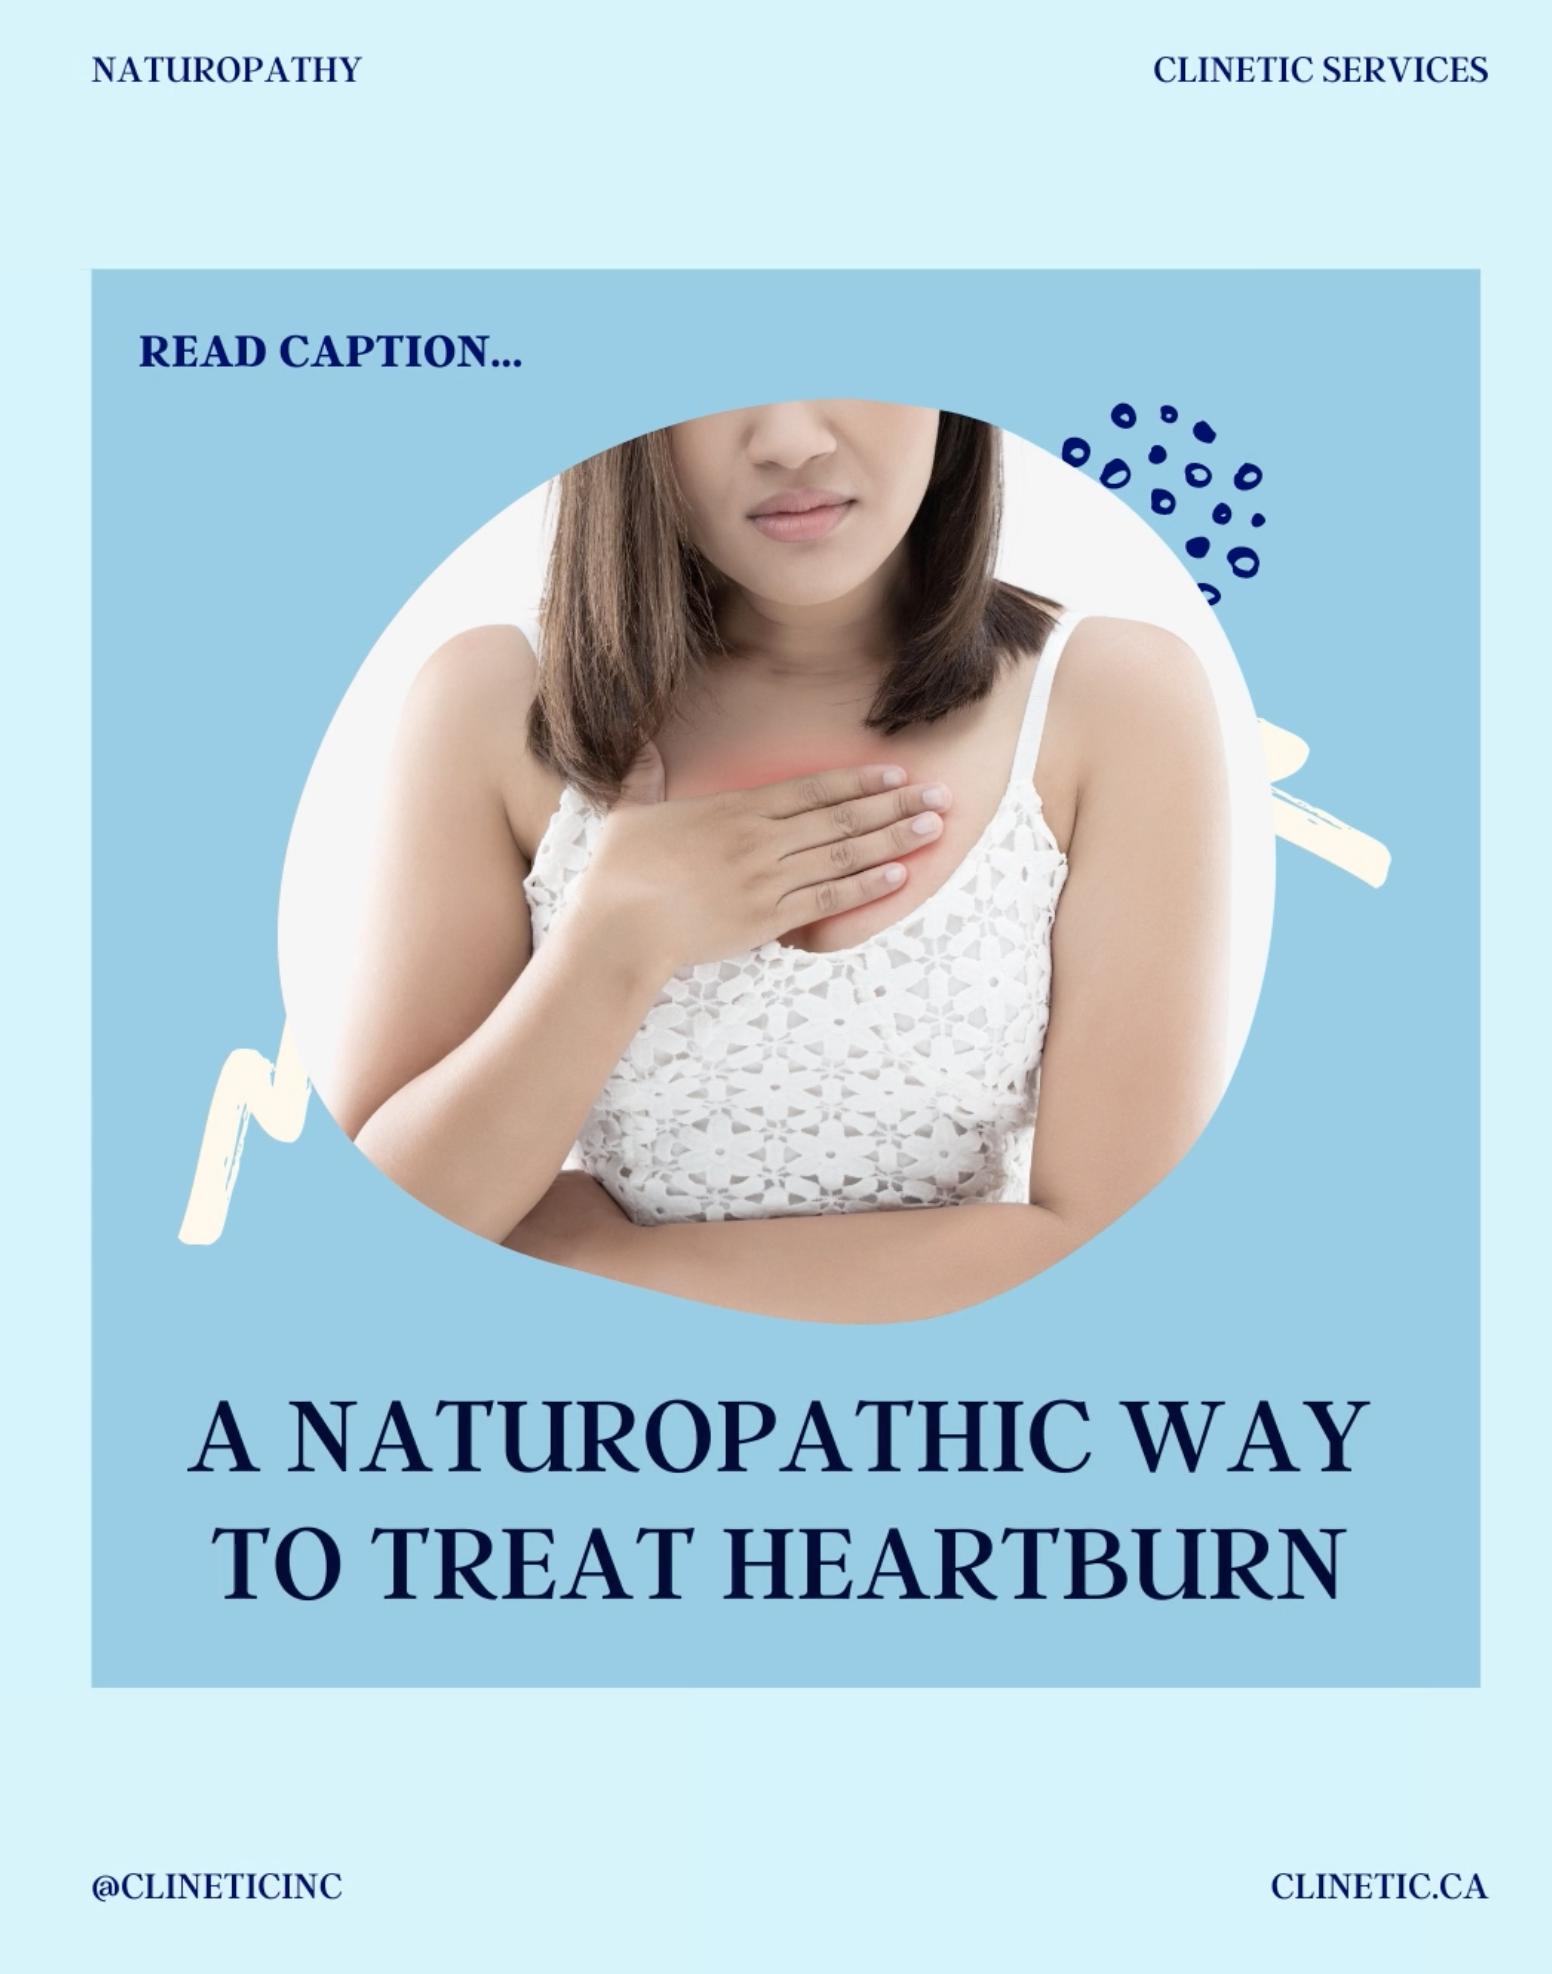 A Naturopathic way to treat Heartburn